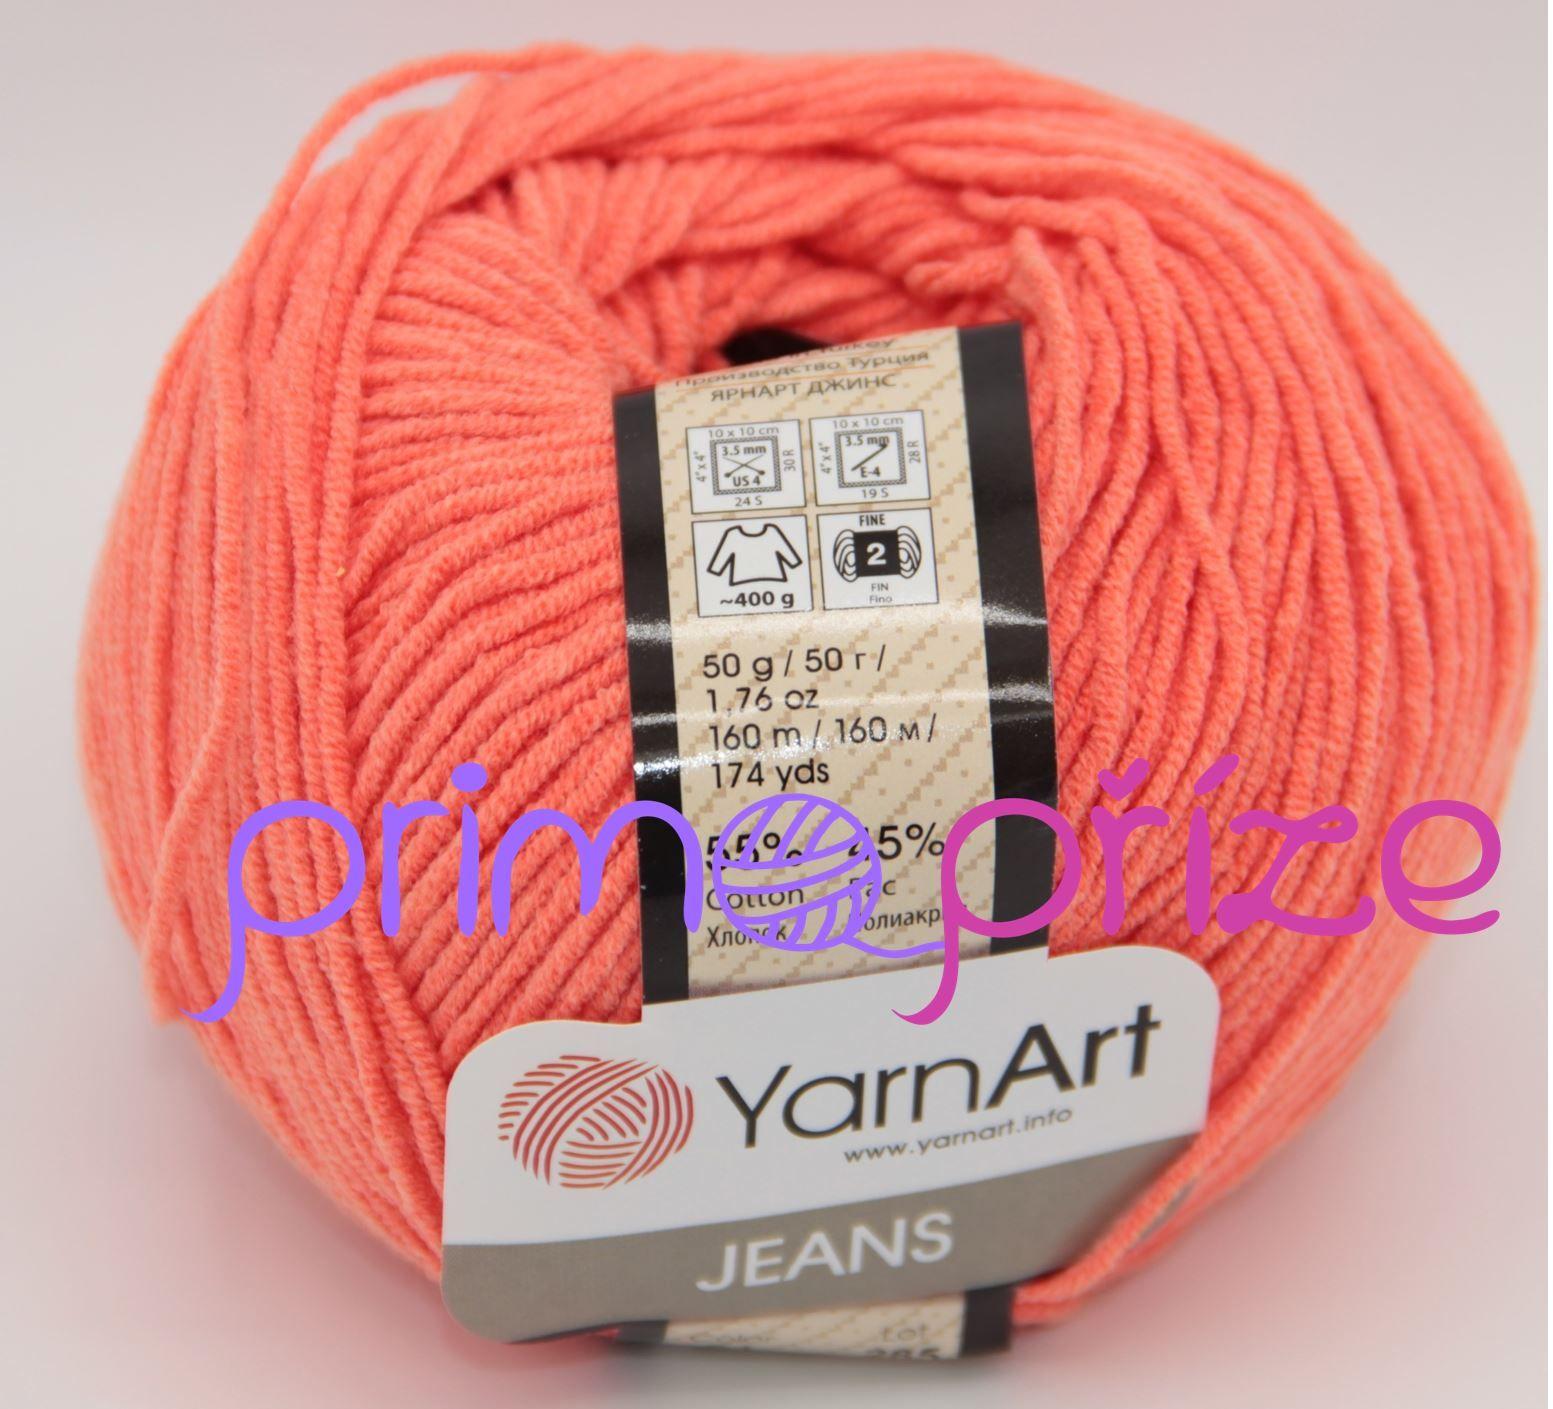 YarnArt Jeans/Gina 61 neonově oranžová